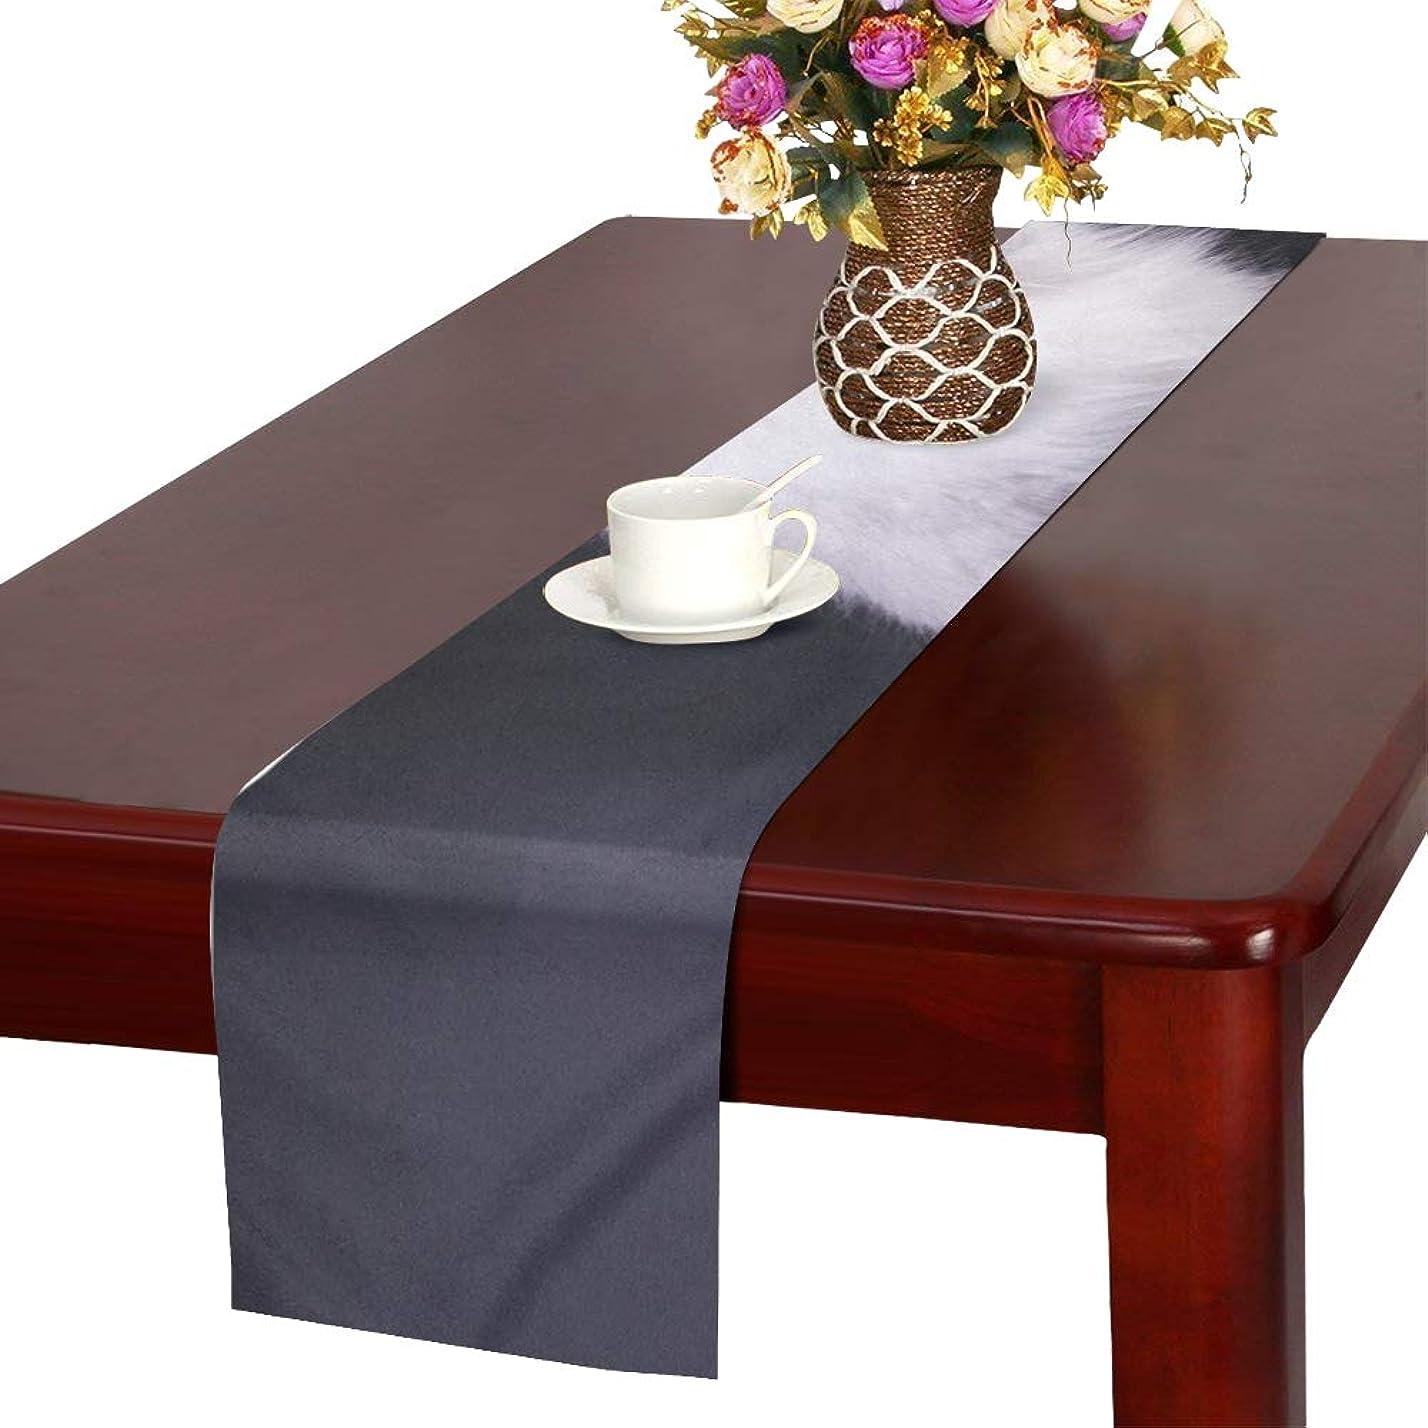 複雑な愚かなスカウトGGSXD テーブルランナー 優雅なペルシア猫 クロス 食卓カバー 麻綿製 欧米 おしゃれ 16 Inch X 72 Inch (40cm X 182cm) キッチン ダイニング ホーム デコレーション モダン リビング 洗える